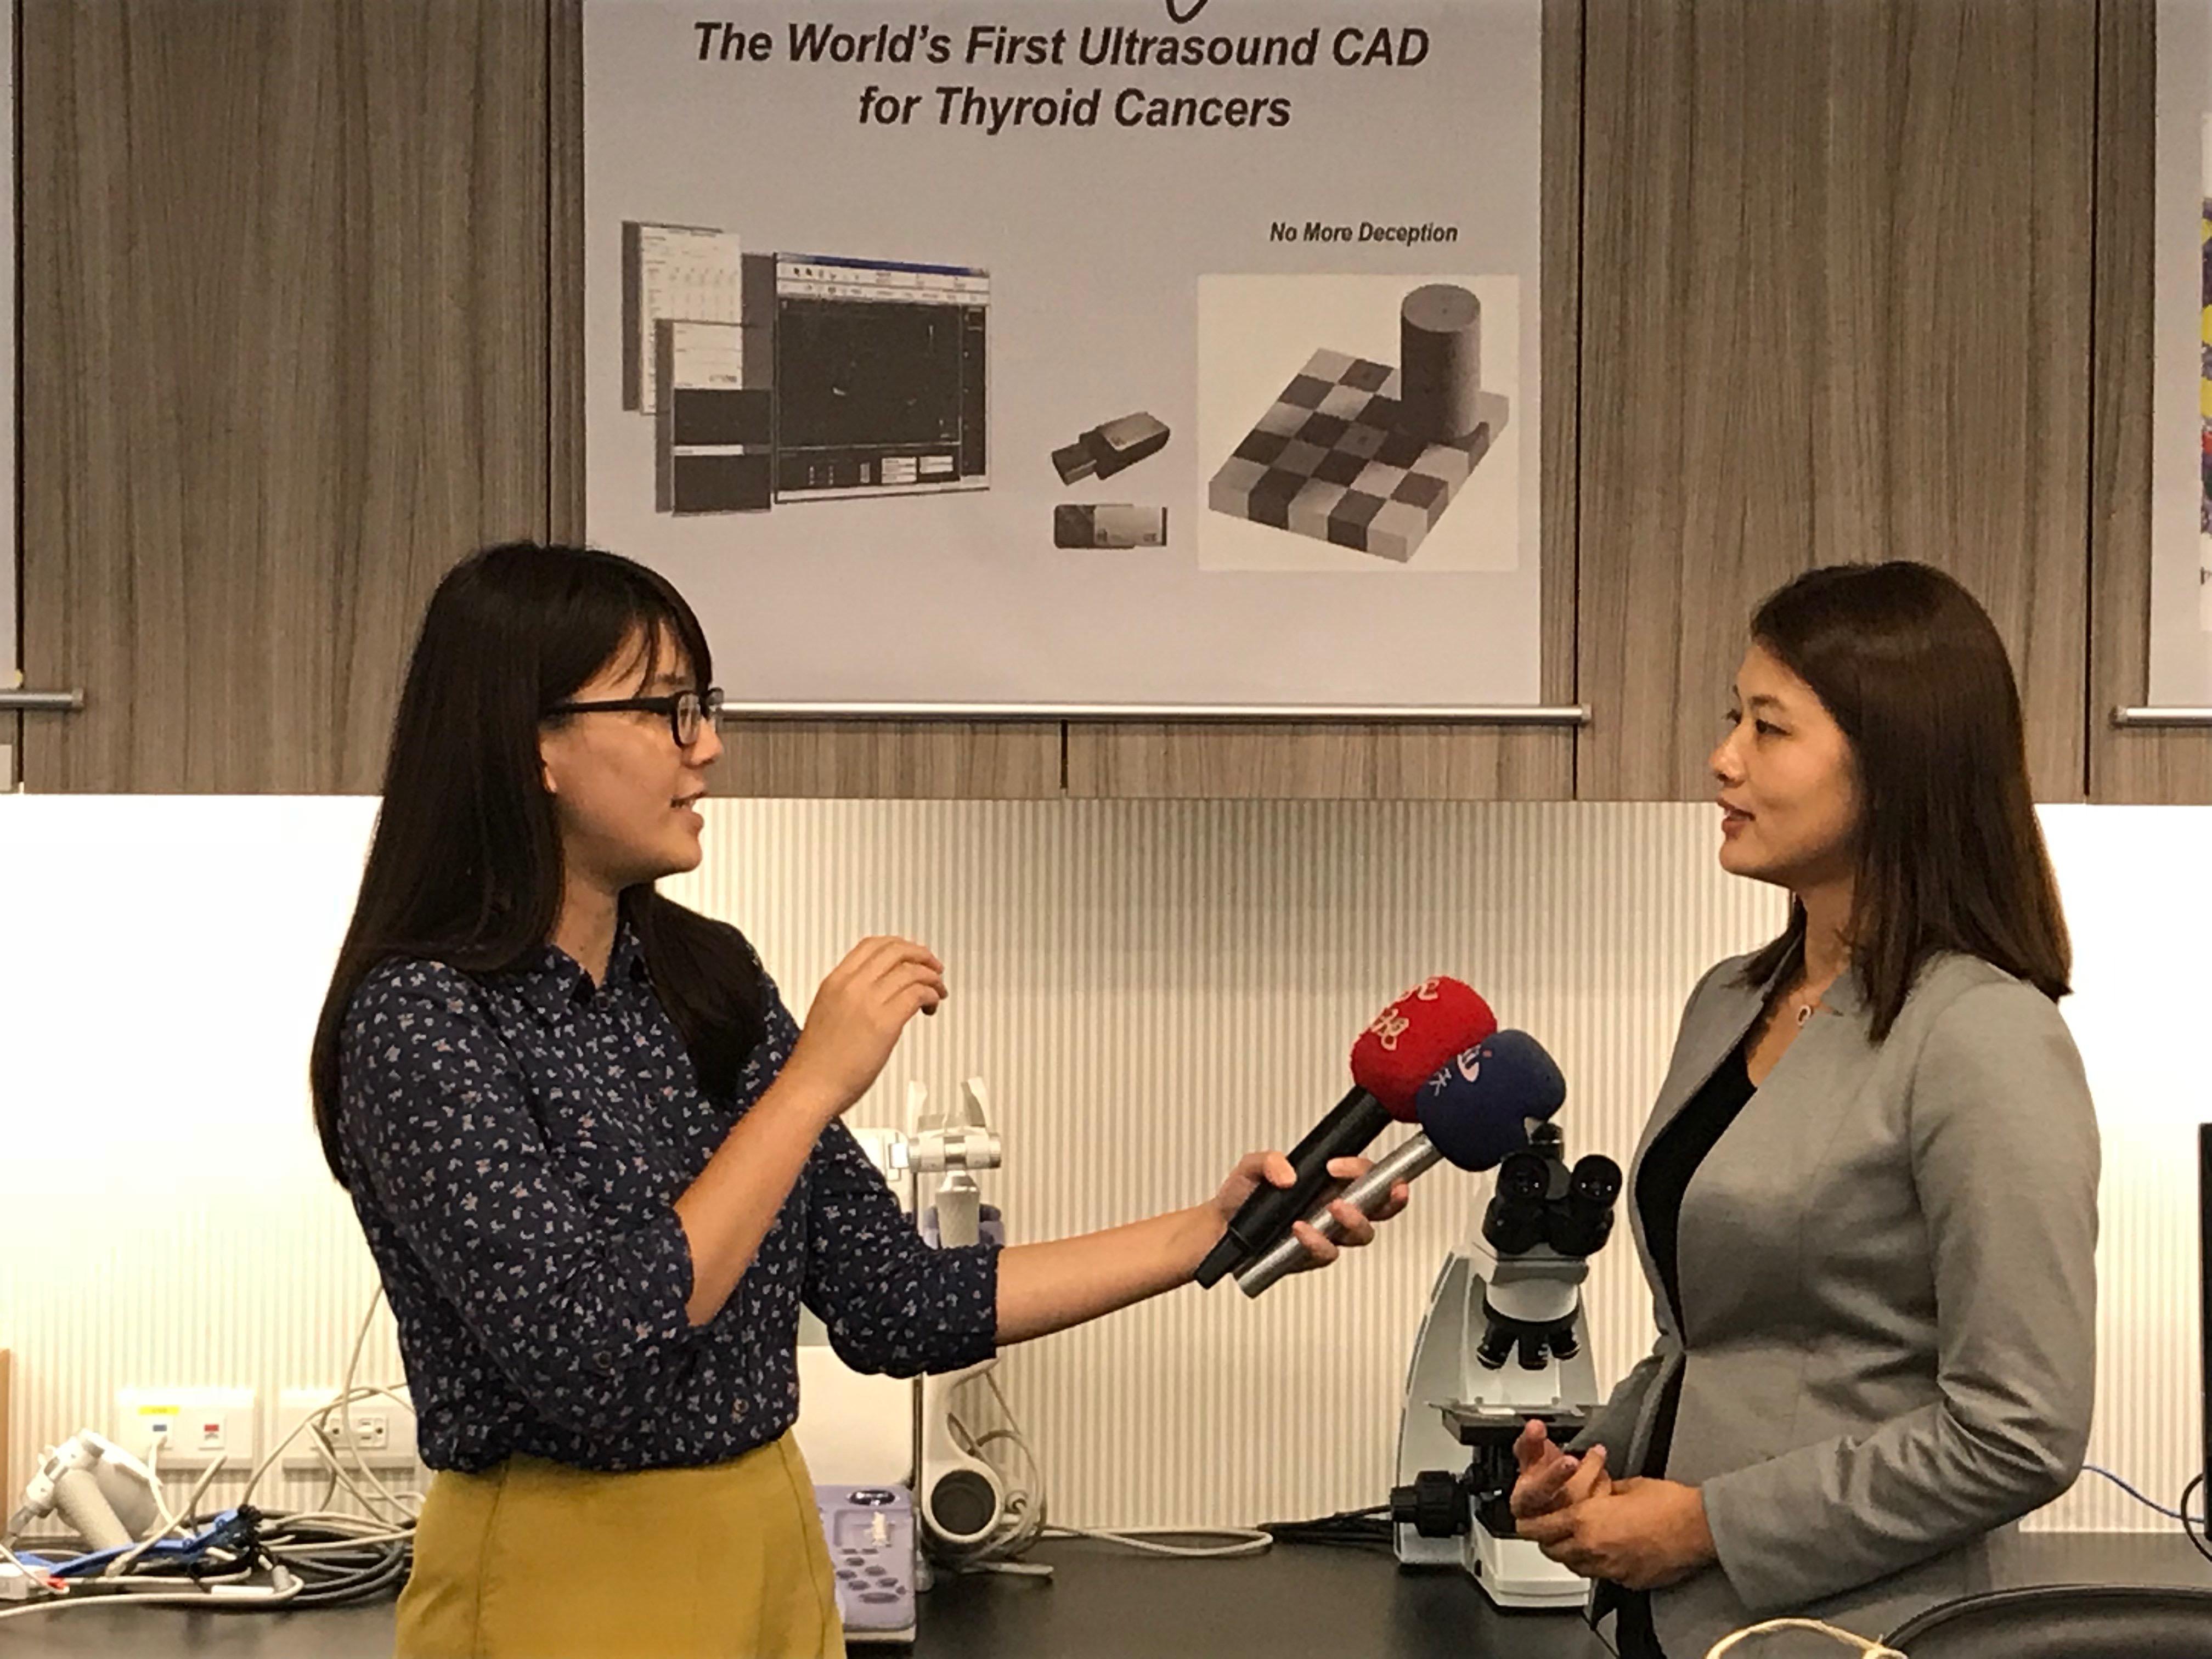 媒體採訪:美吾華‧懷特‧安克生技集團李伊俐執行董事接受媒體採訪「呼吸中止症超音波電腦輔助診斷裝置  (AmCAD-UO) 」